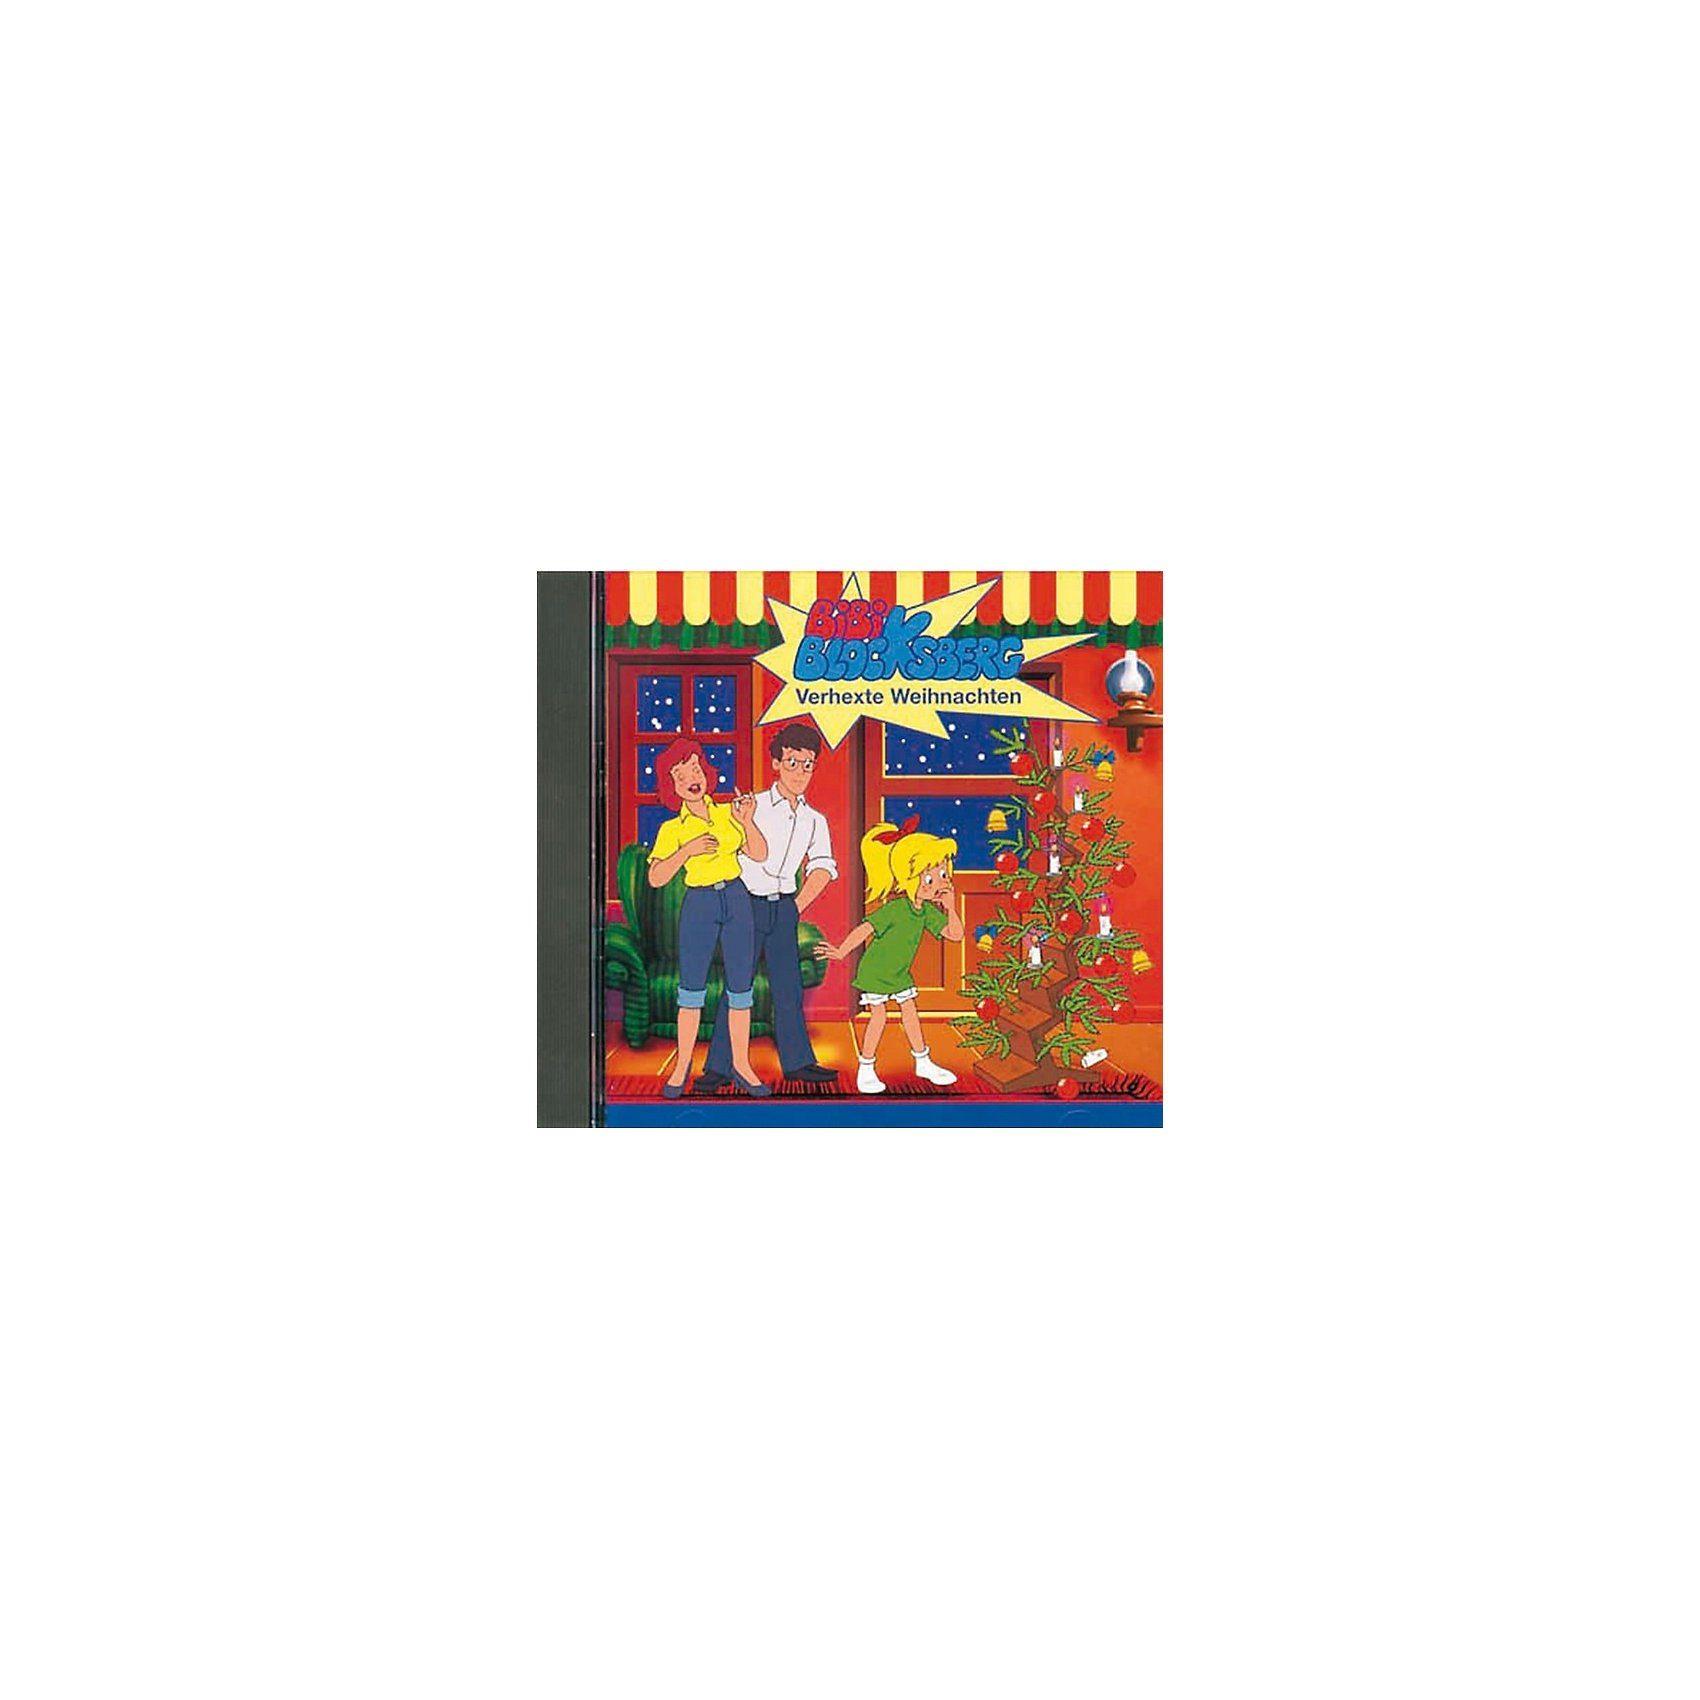 Kiddinx CD Bibi Blocksberg 69 - Verhexte Weihnachten